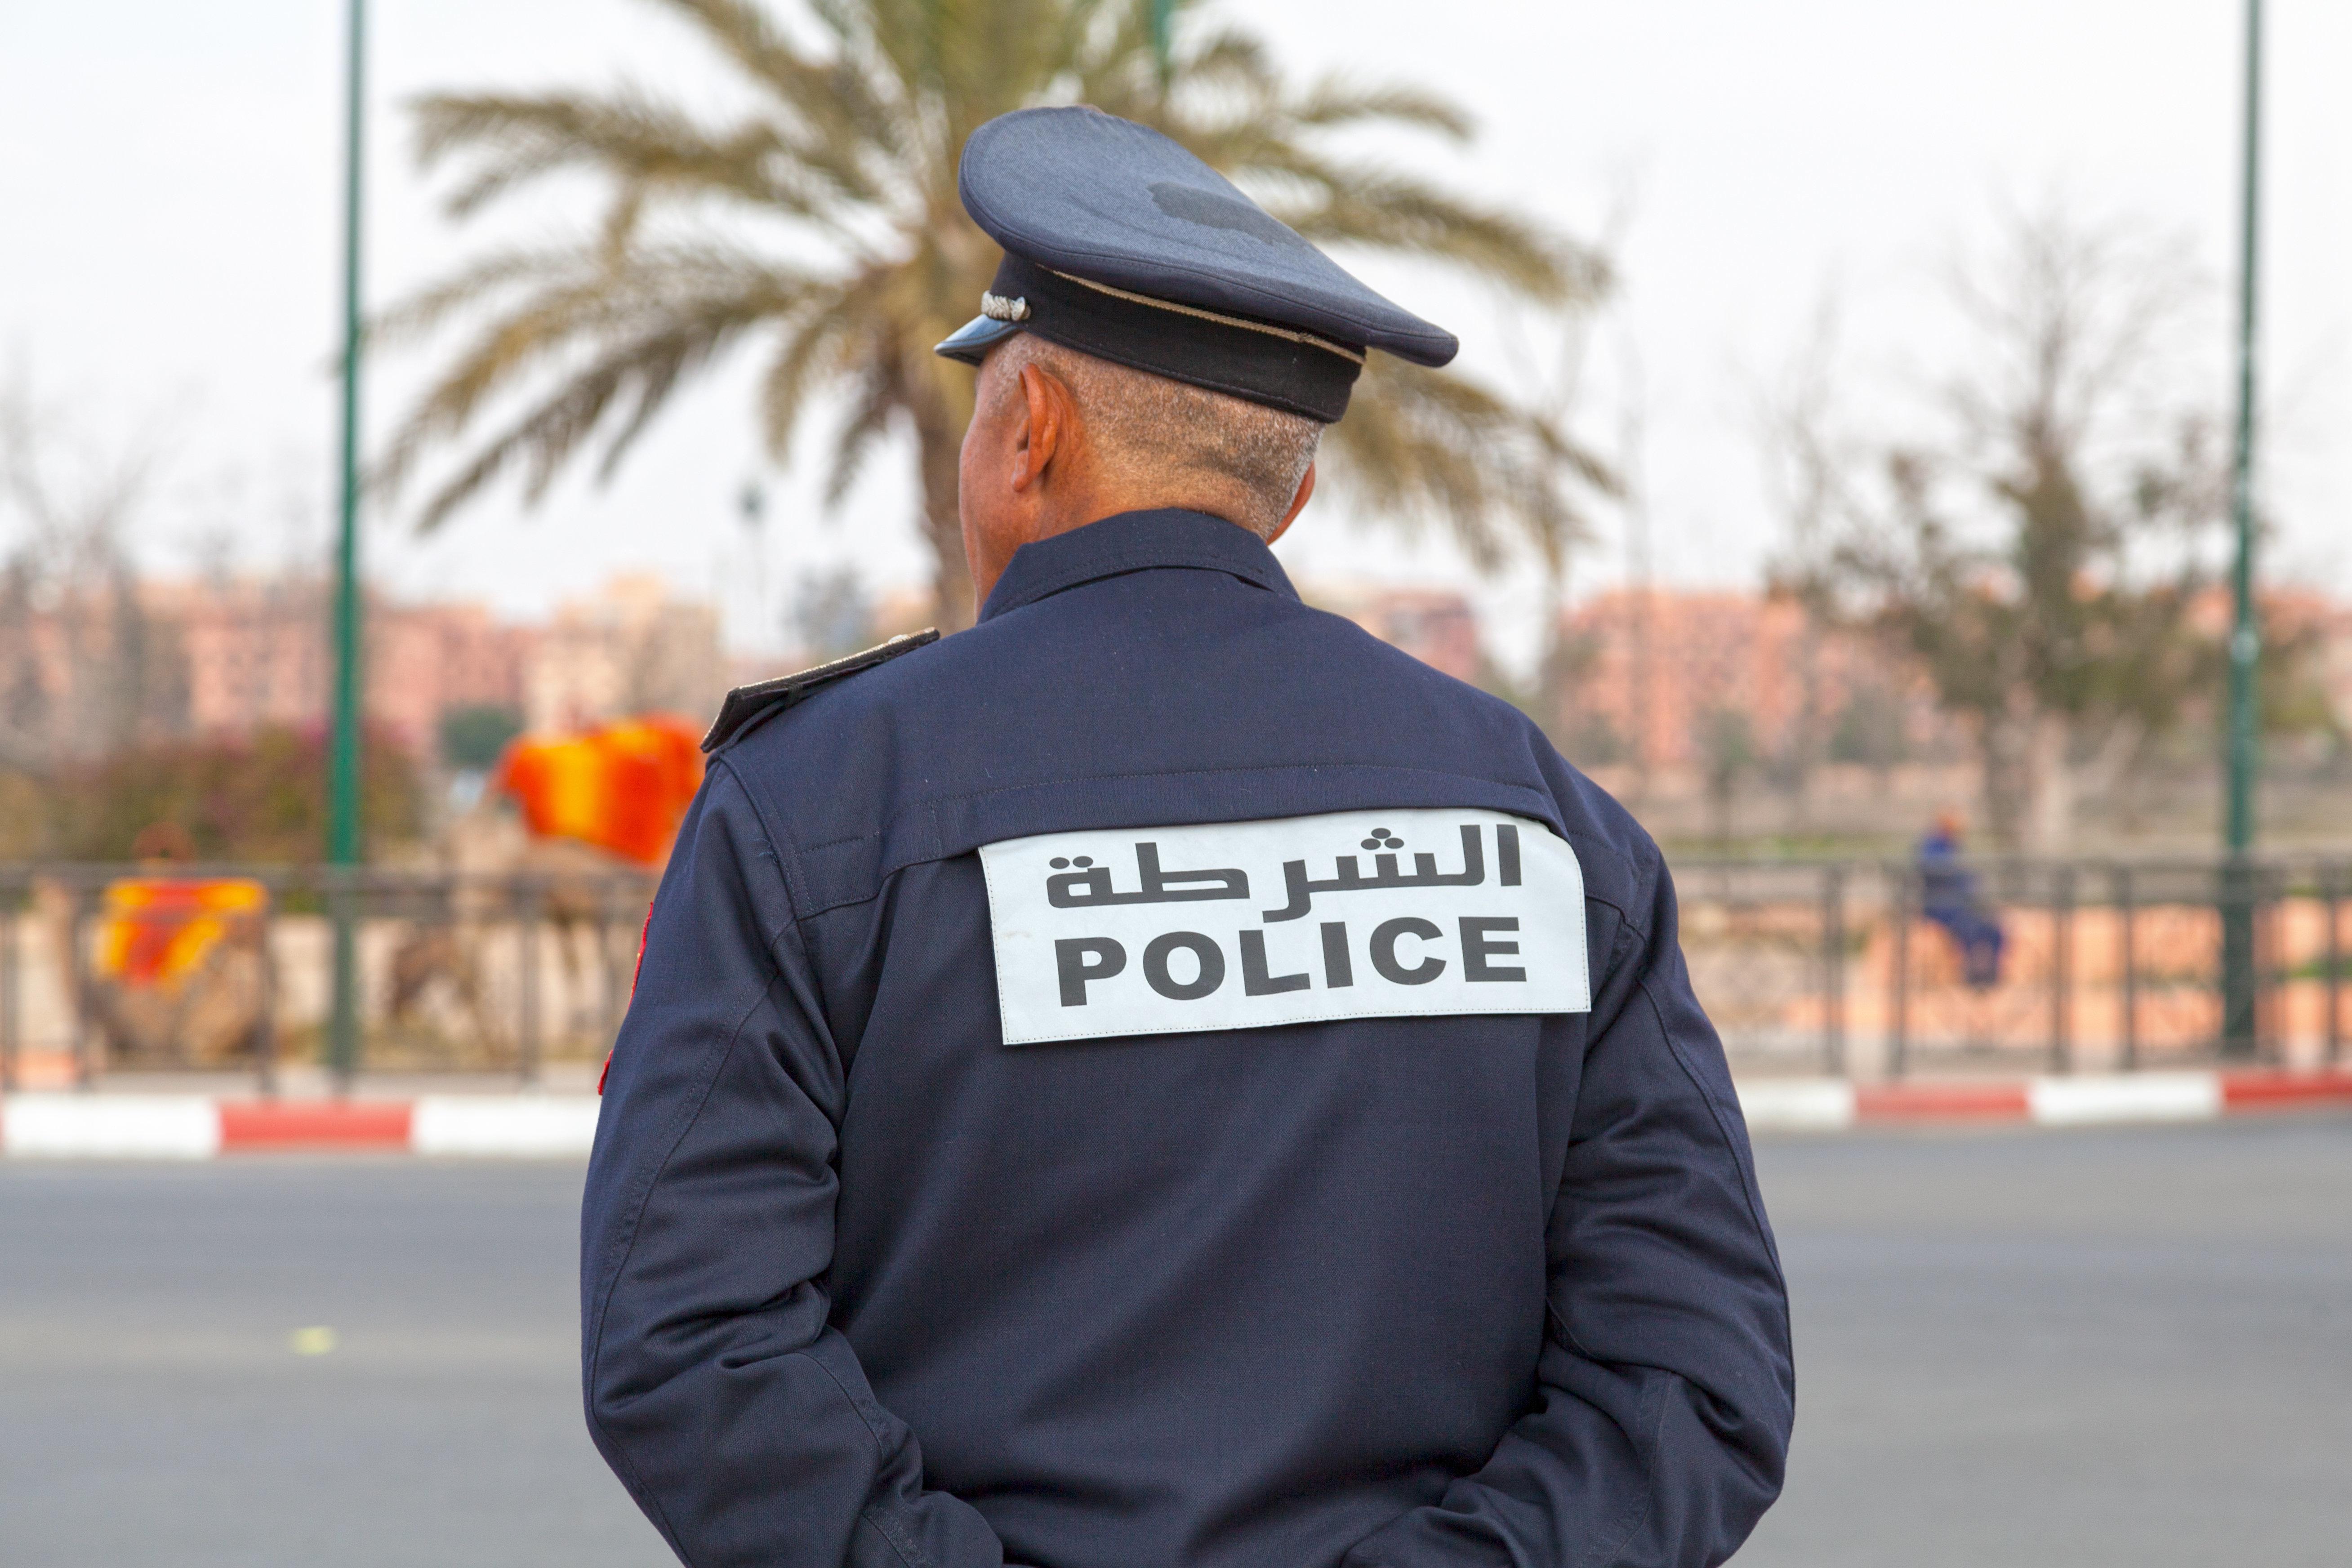 Accusé d'avoir volé un touriste, un policier exerçant à l'aéroport de Marrakech